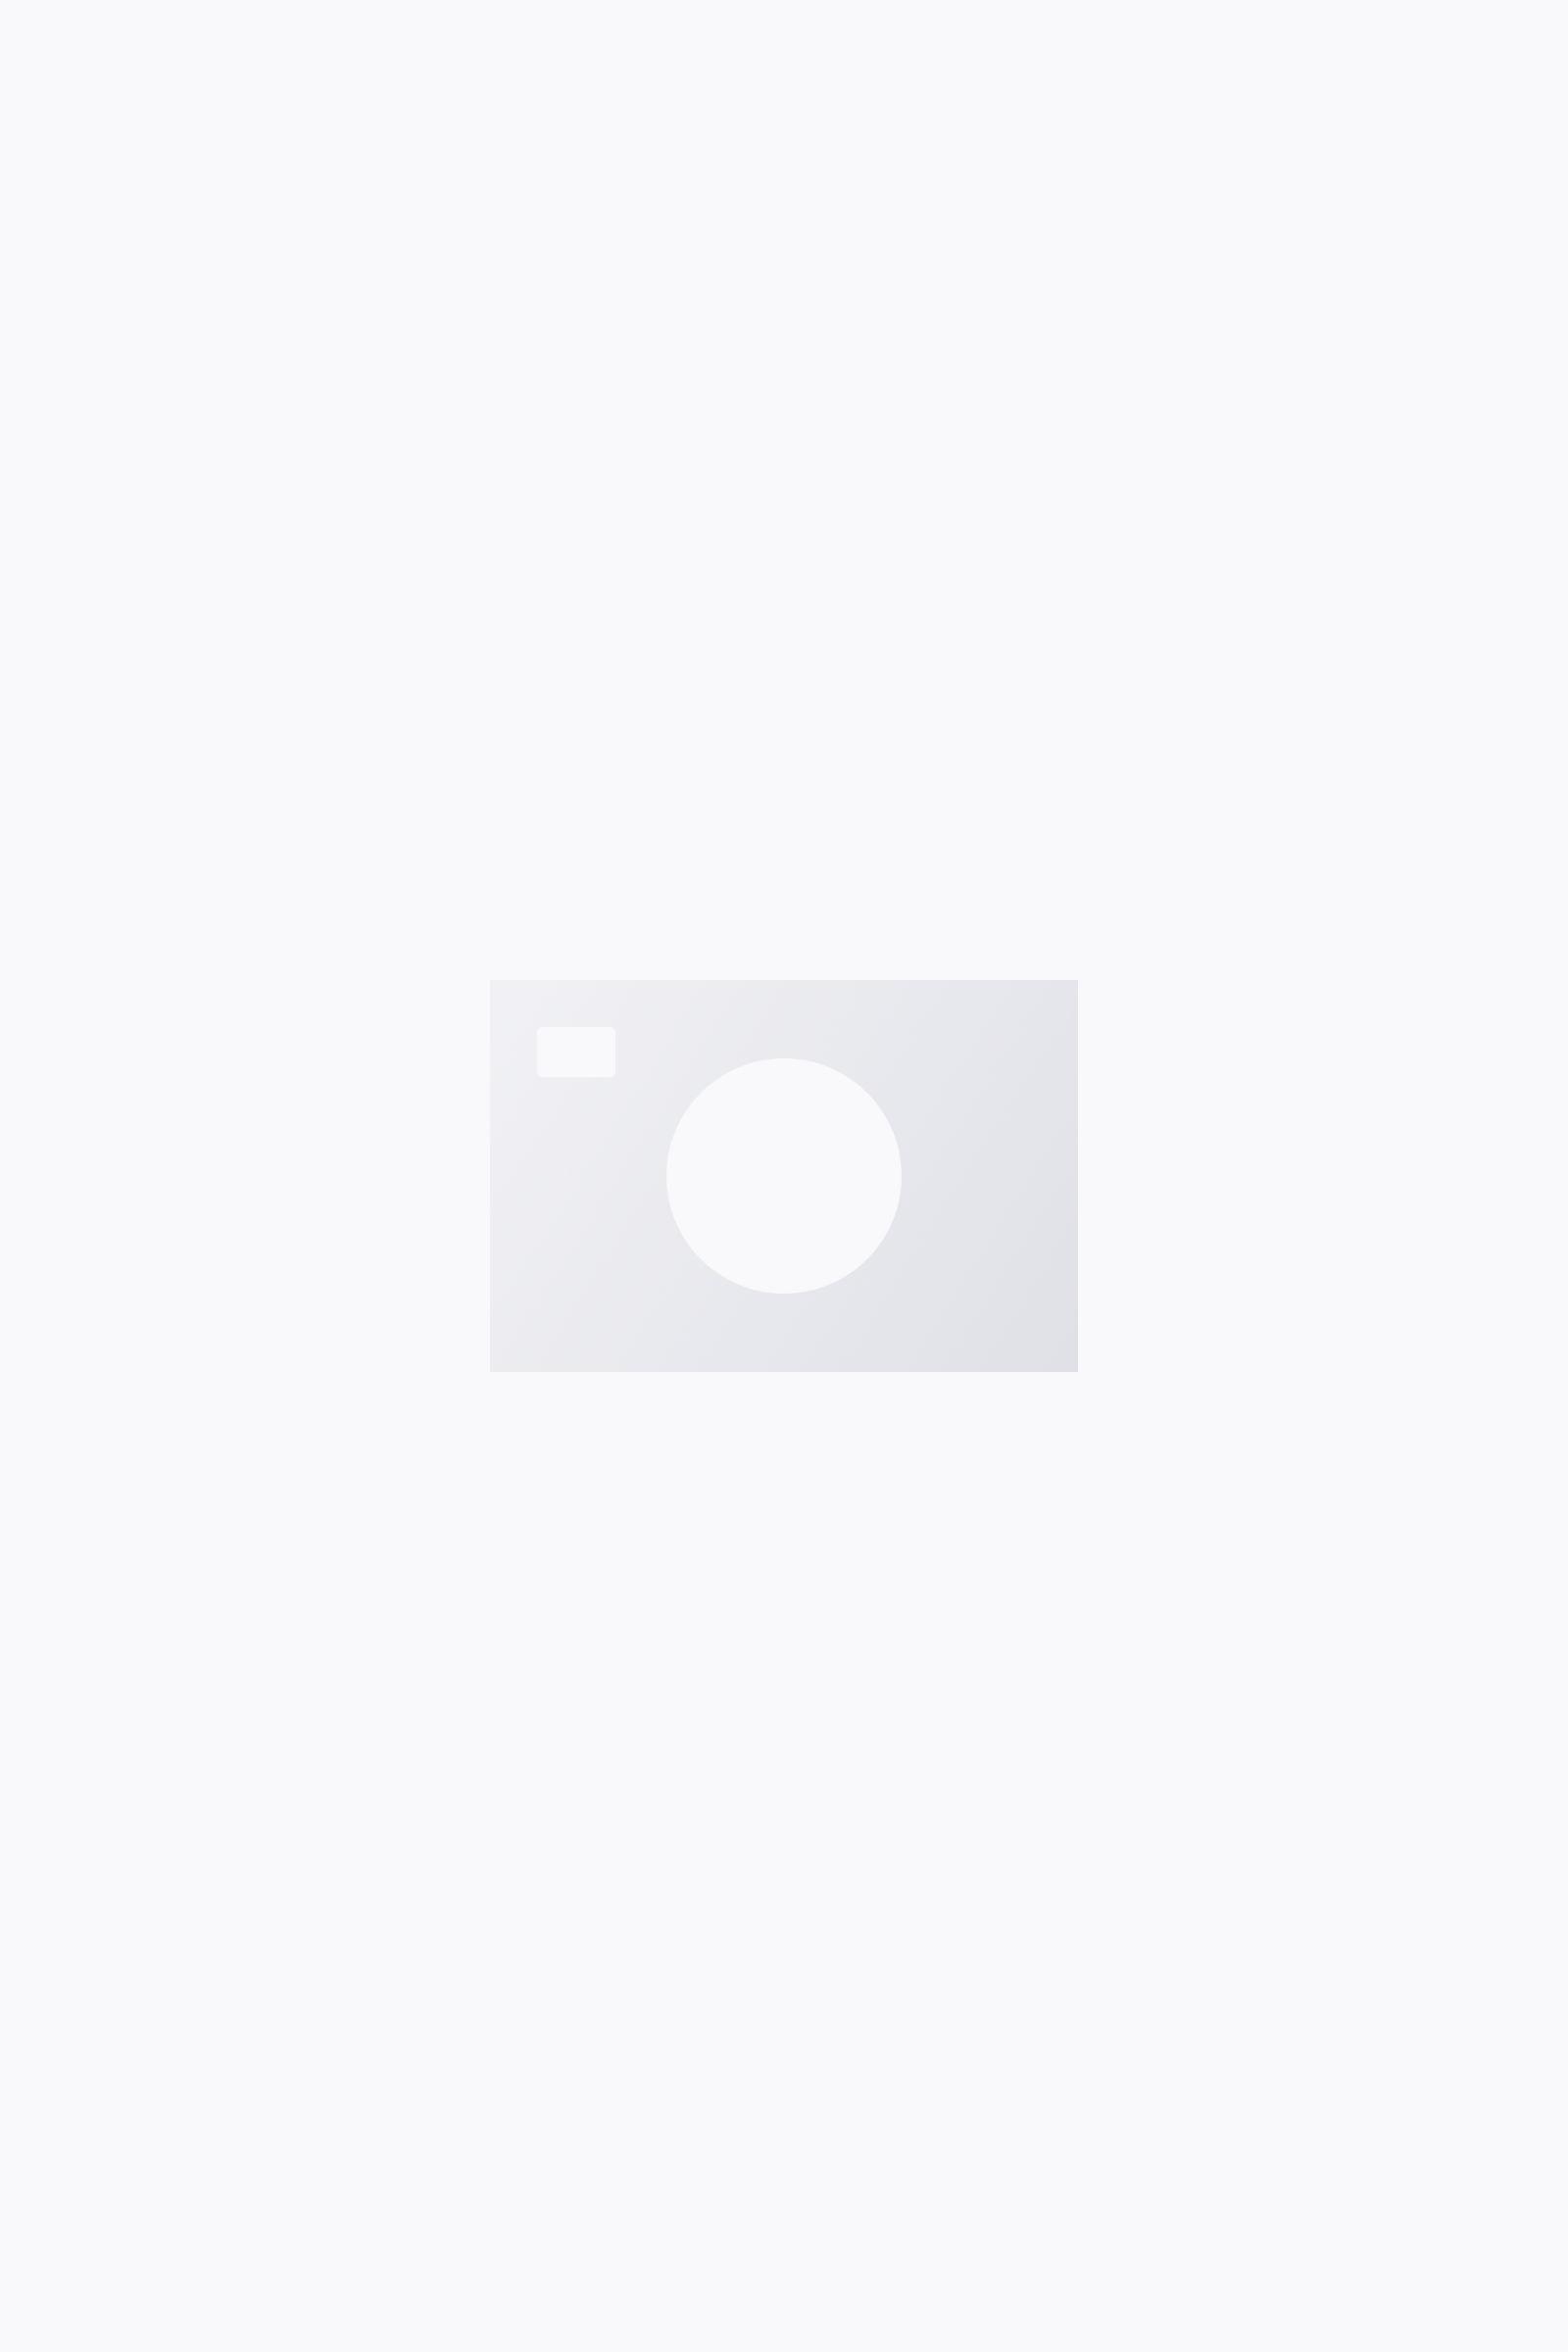 COS CRINKLED MIDI SKIRT,white